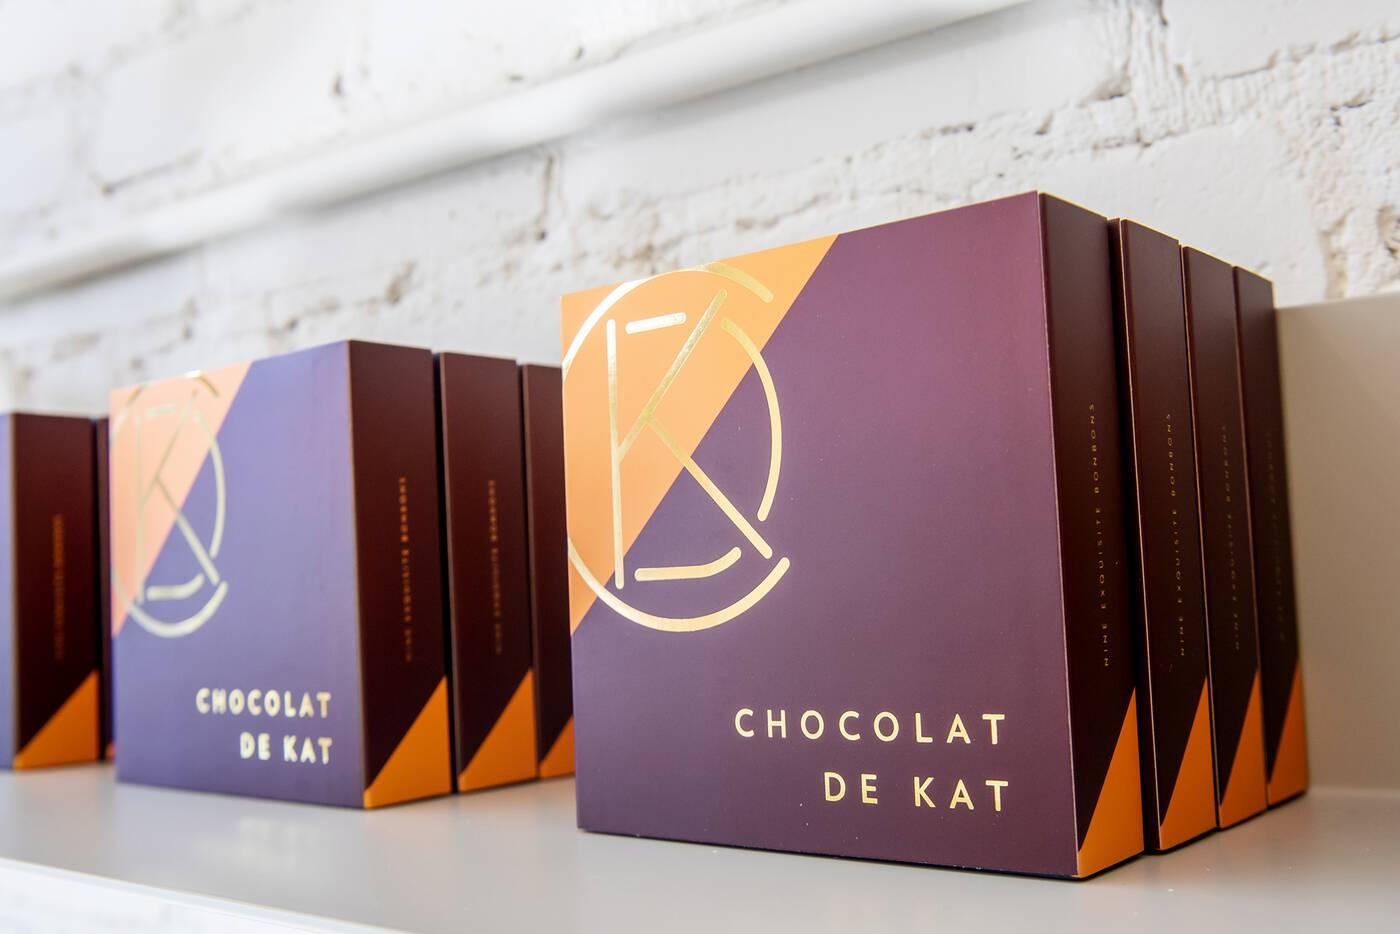 chocolat de kat